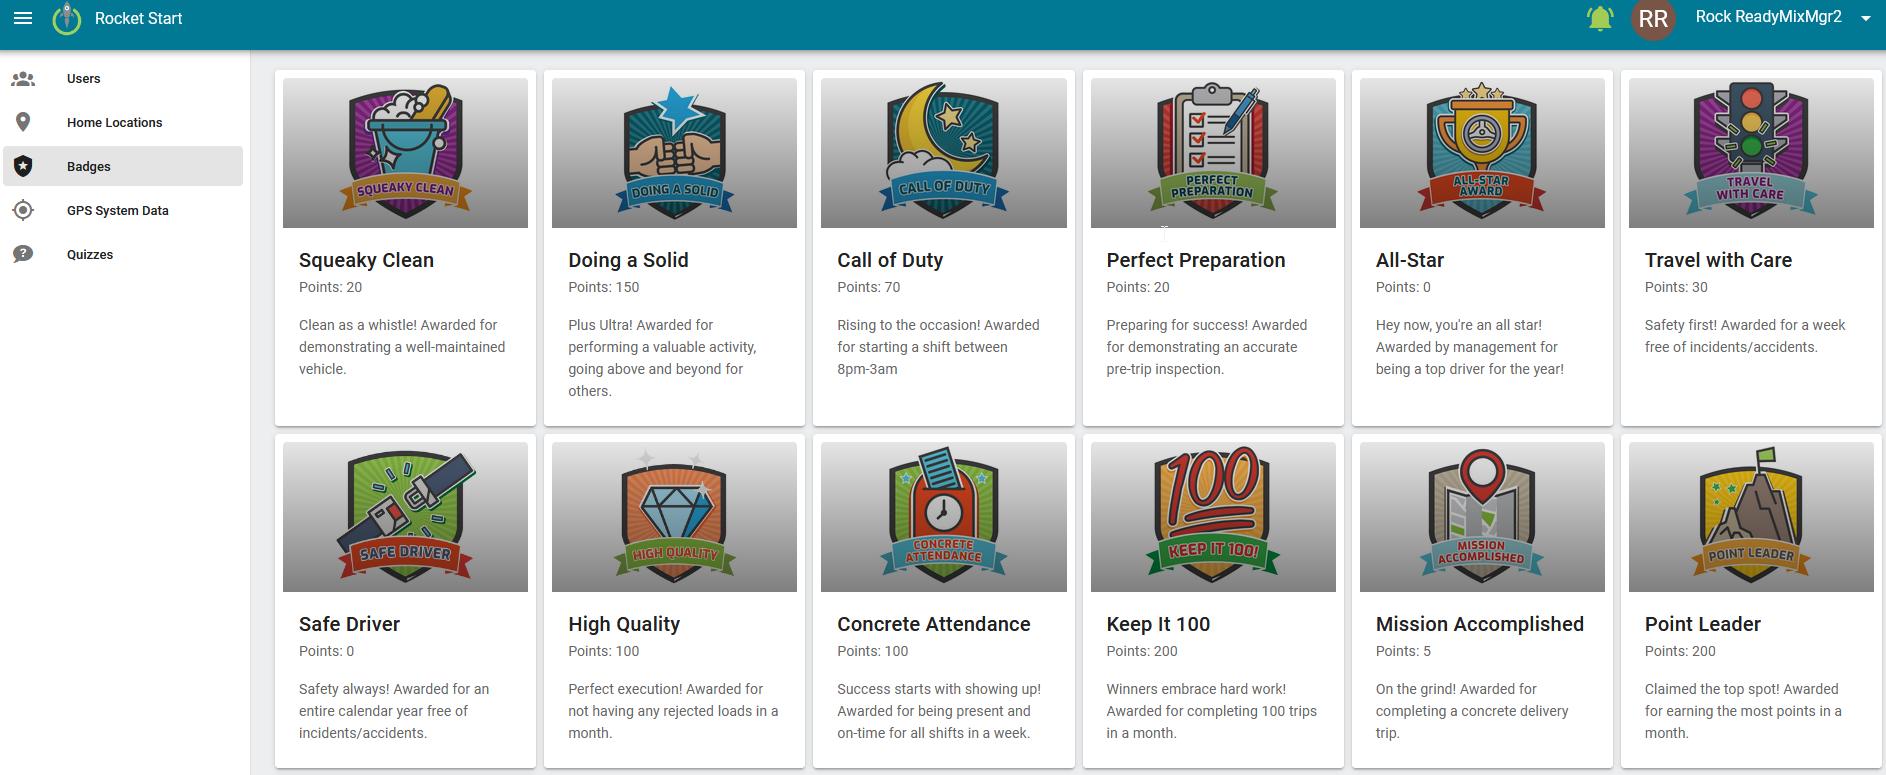 Rocket Start badges